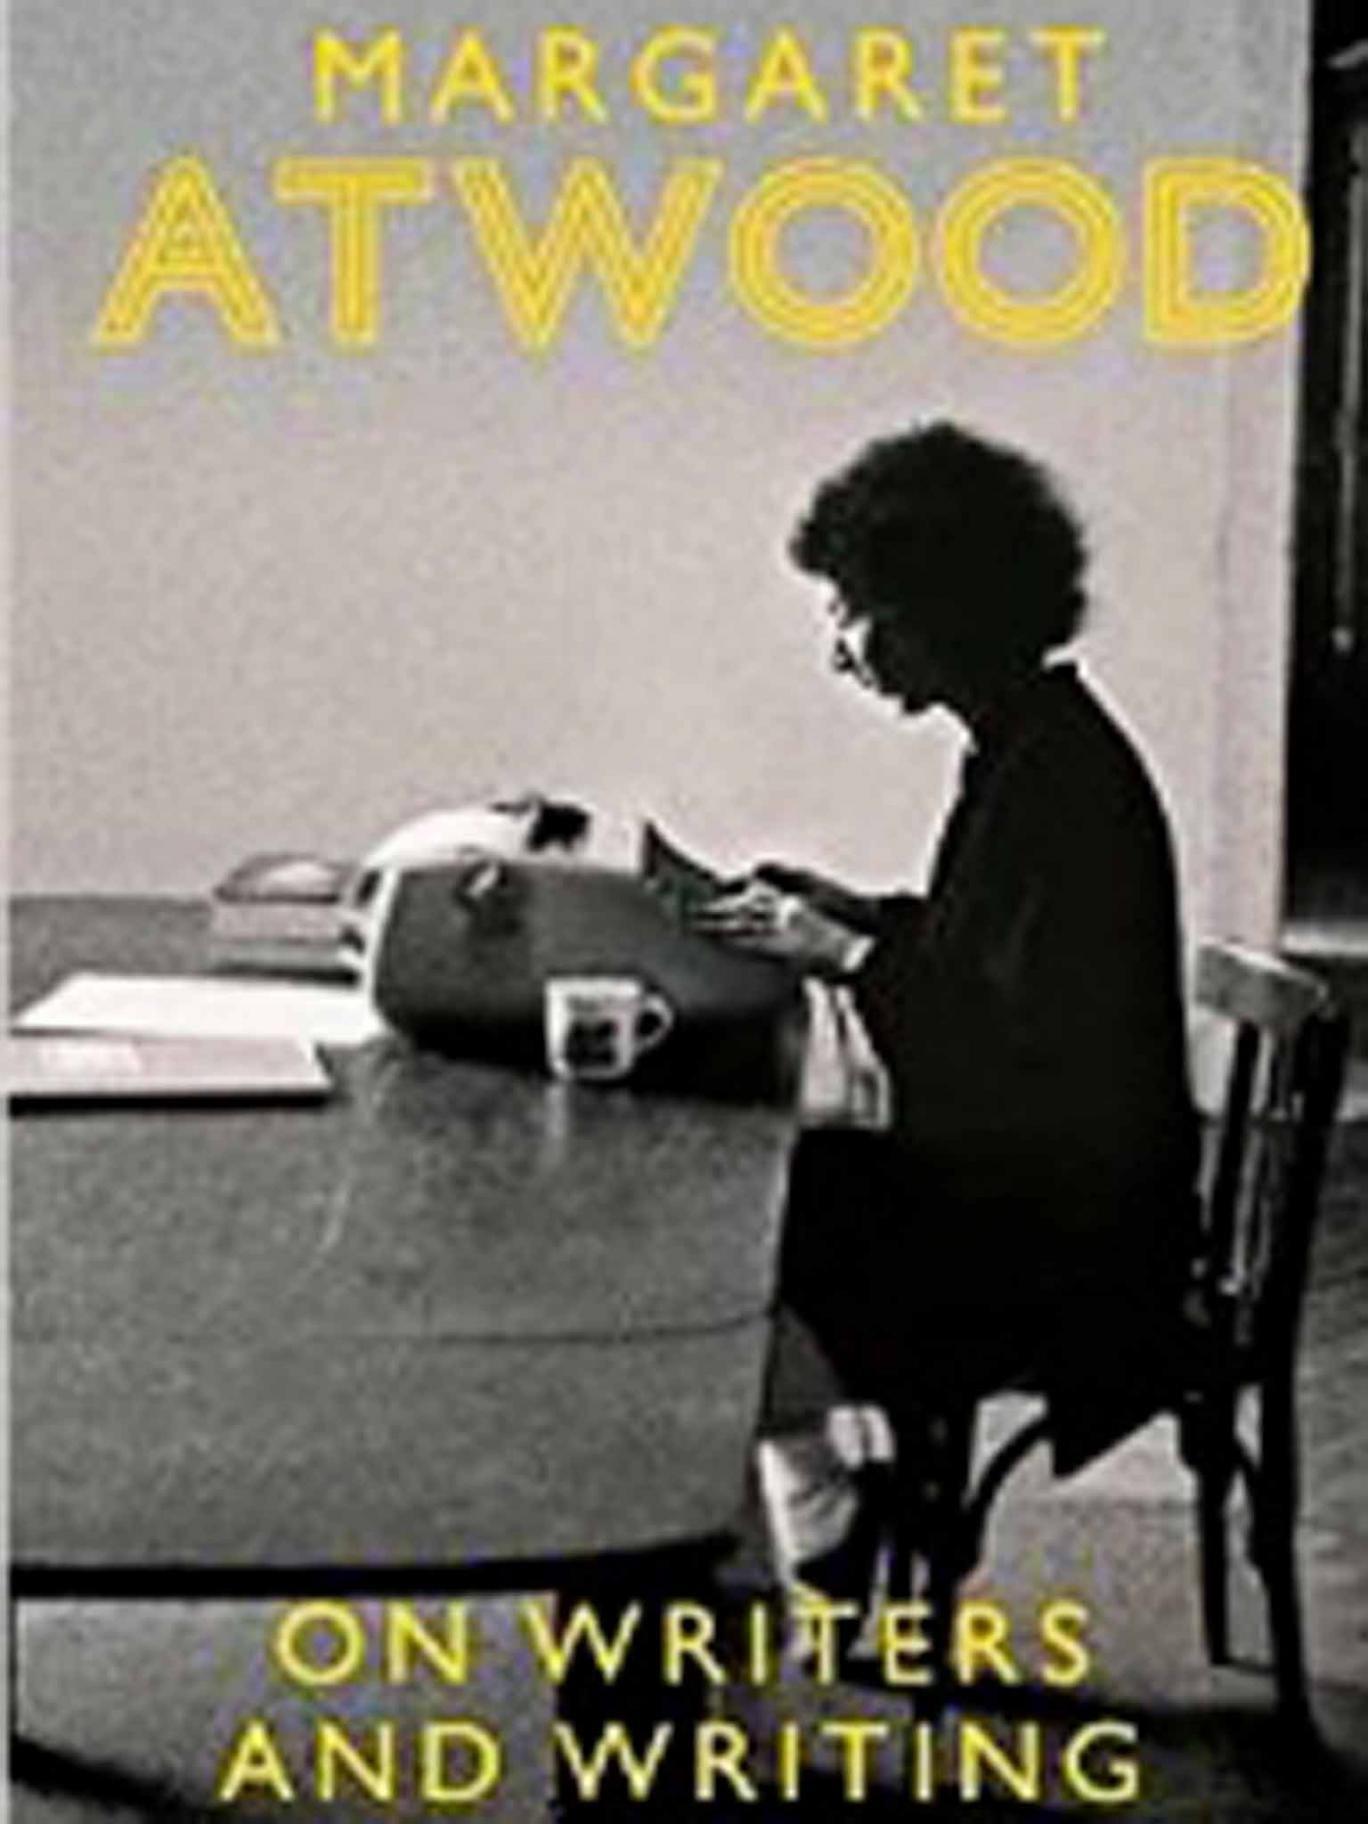 Margaret atwood writing style